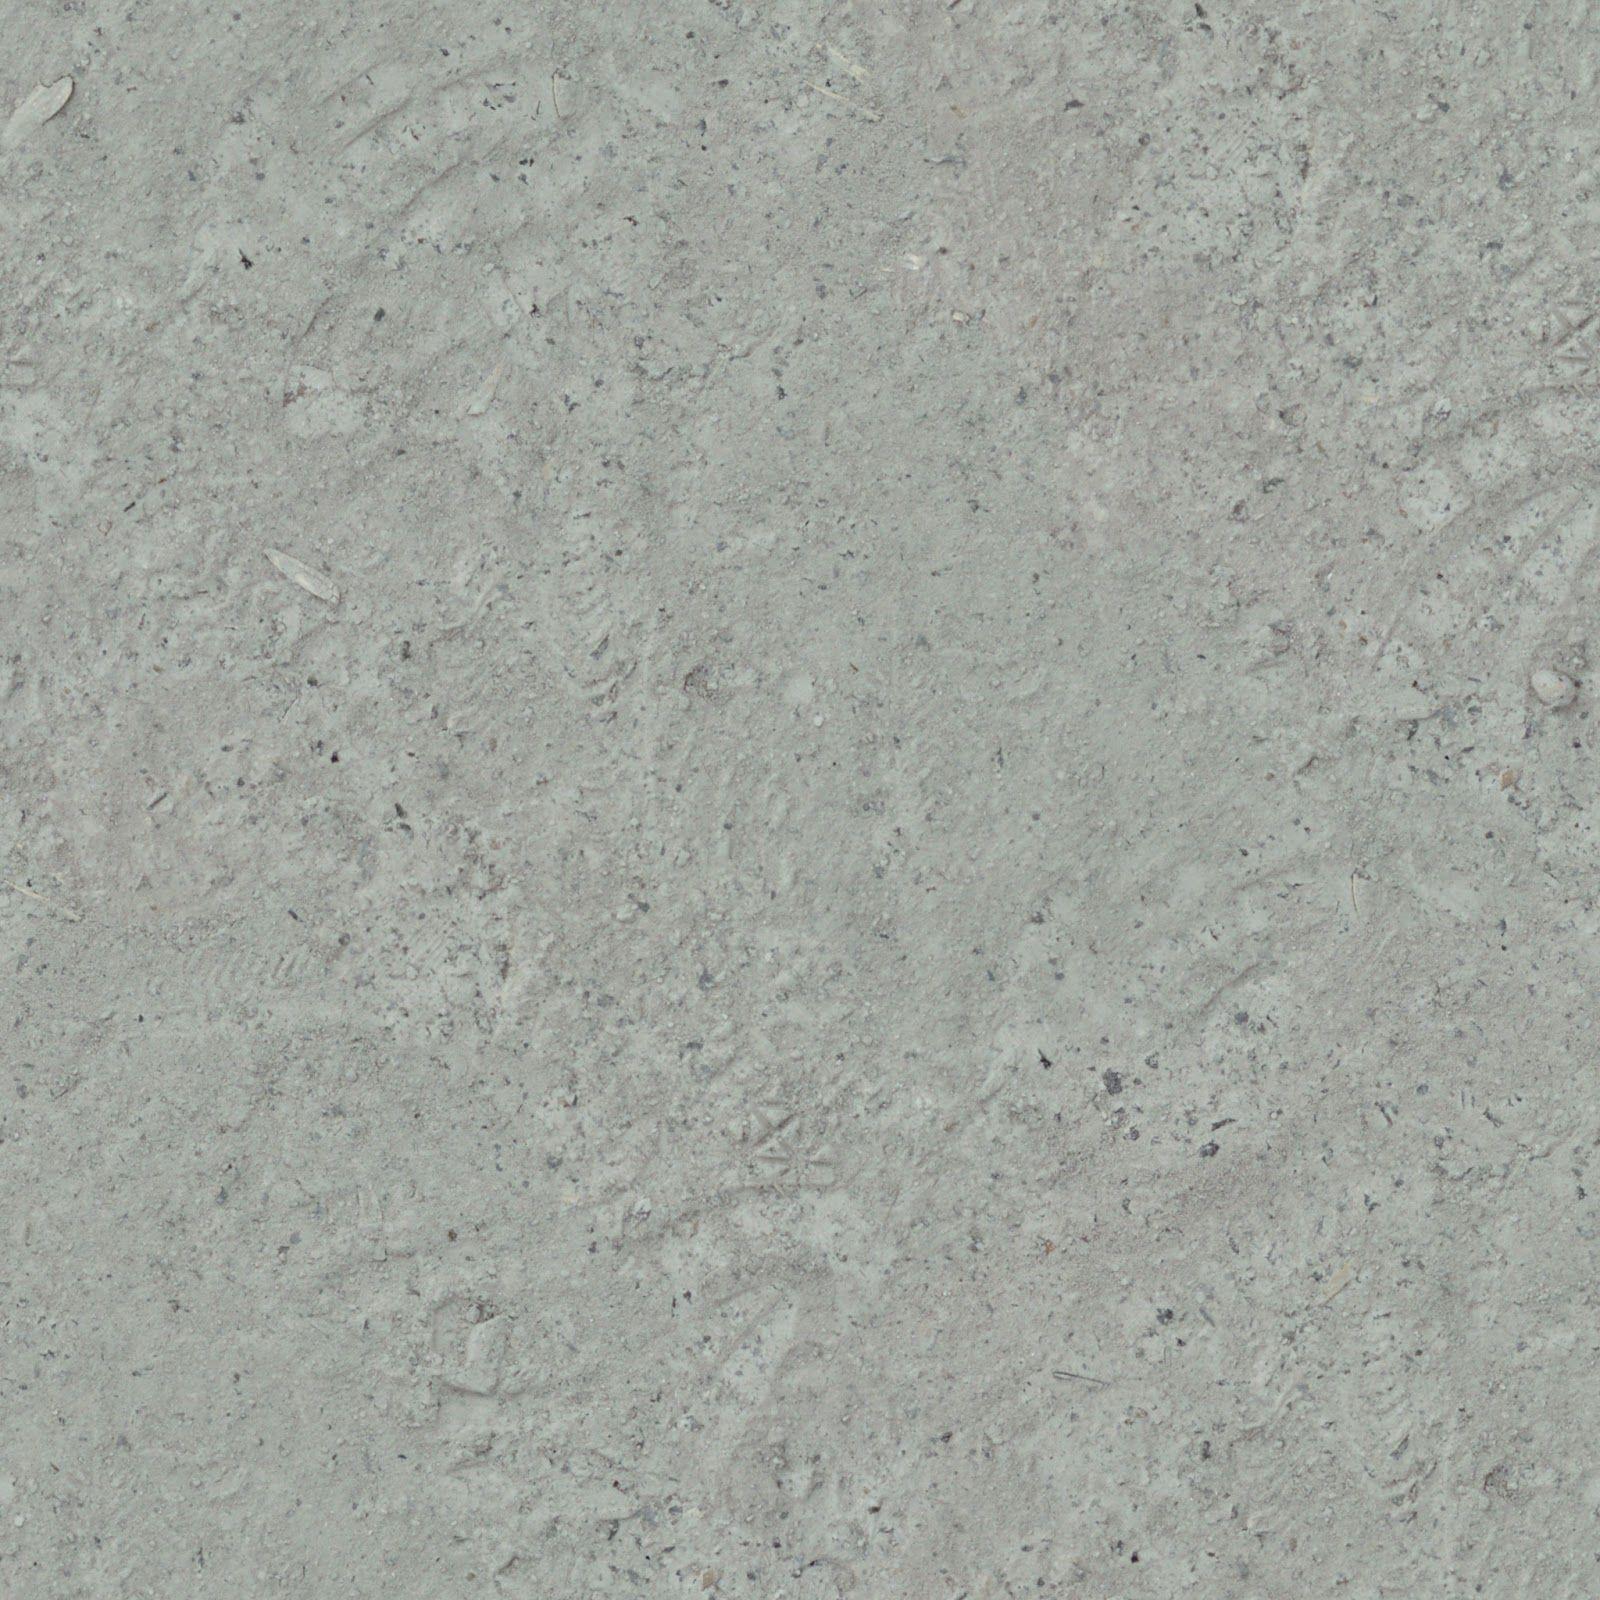 Concrete 18 Dusty Floor Granite Seamless Texture